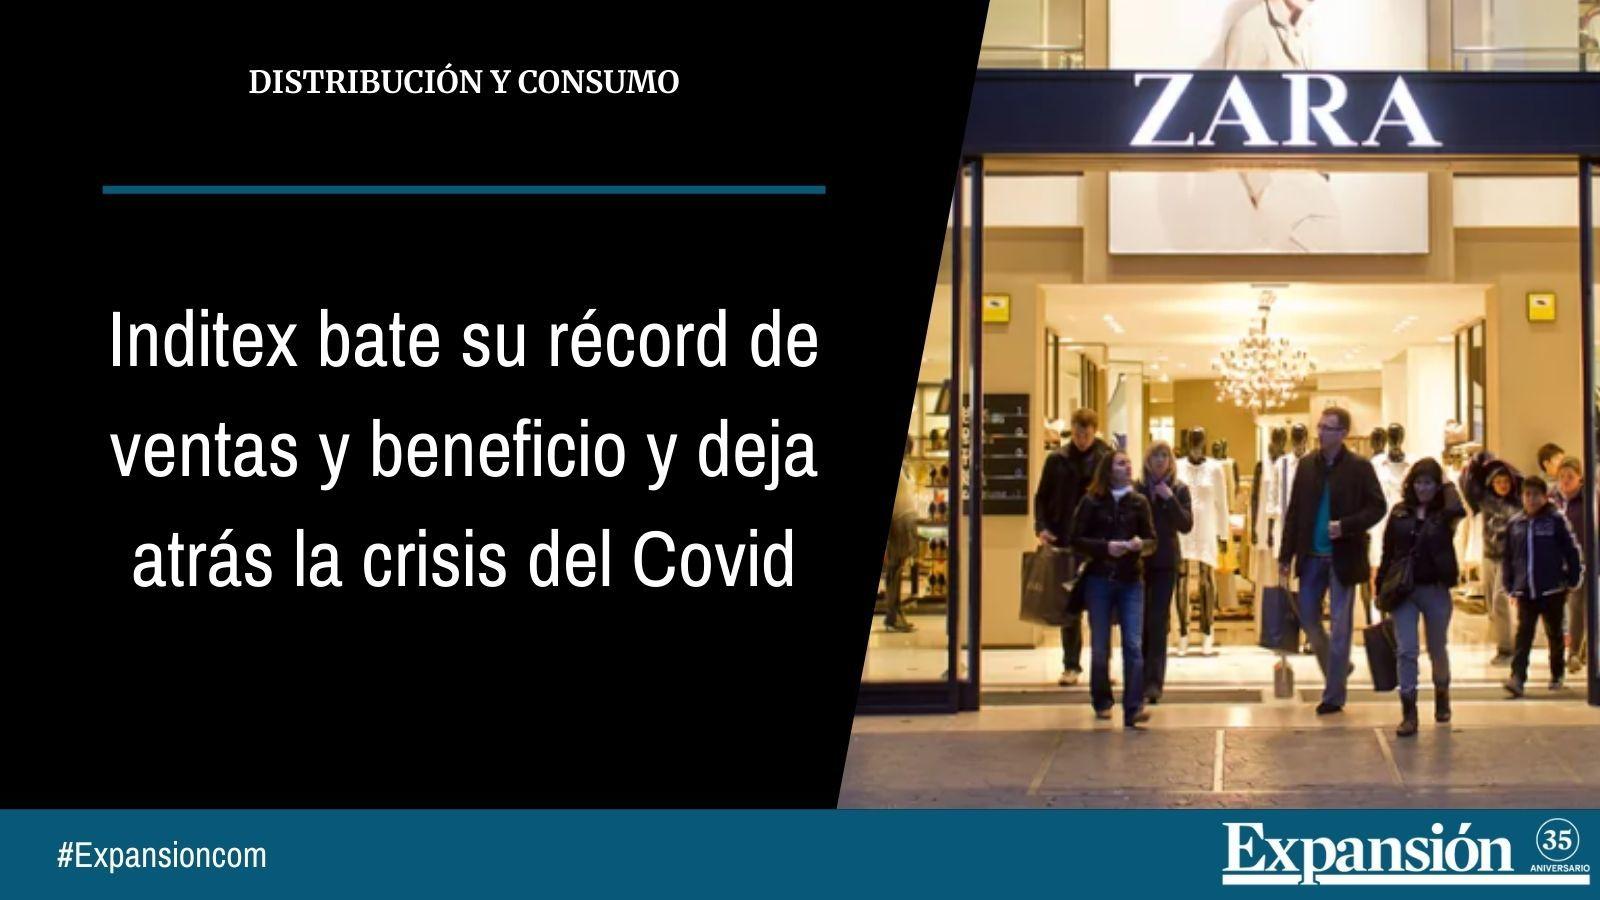 Inditex bate su récord de ventas y beneficio en el segundo trimestre y deja atrás la crisis del Covid